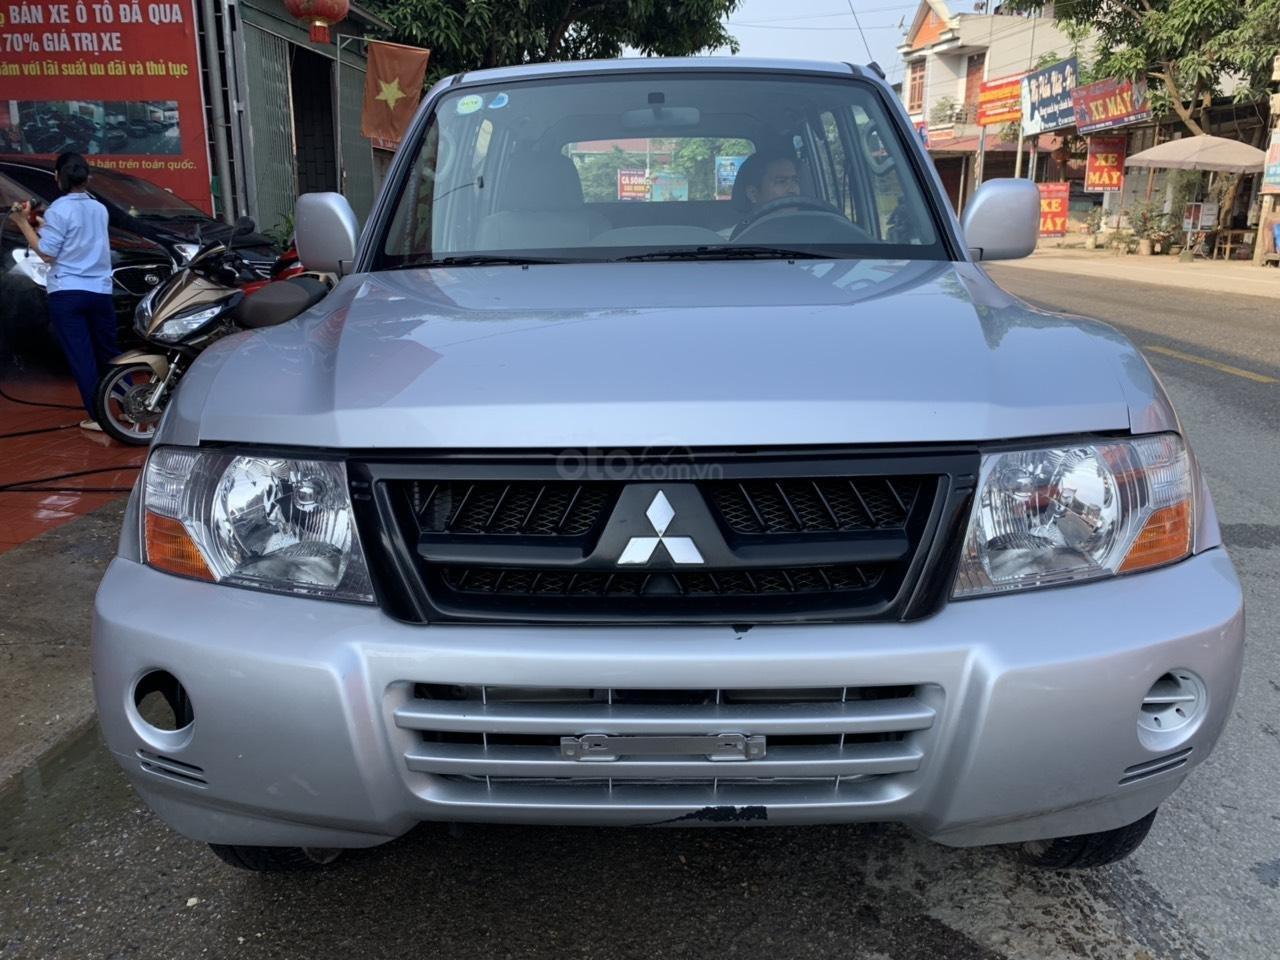 Cần bán xe Mitsubishi Pajero năm sản xuất 2006, màu bạc, nhập khẩu nguyên chiếc (1)